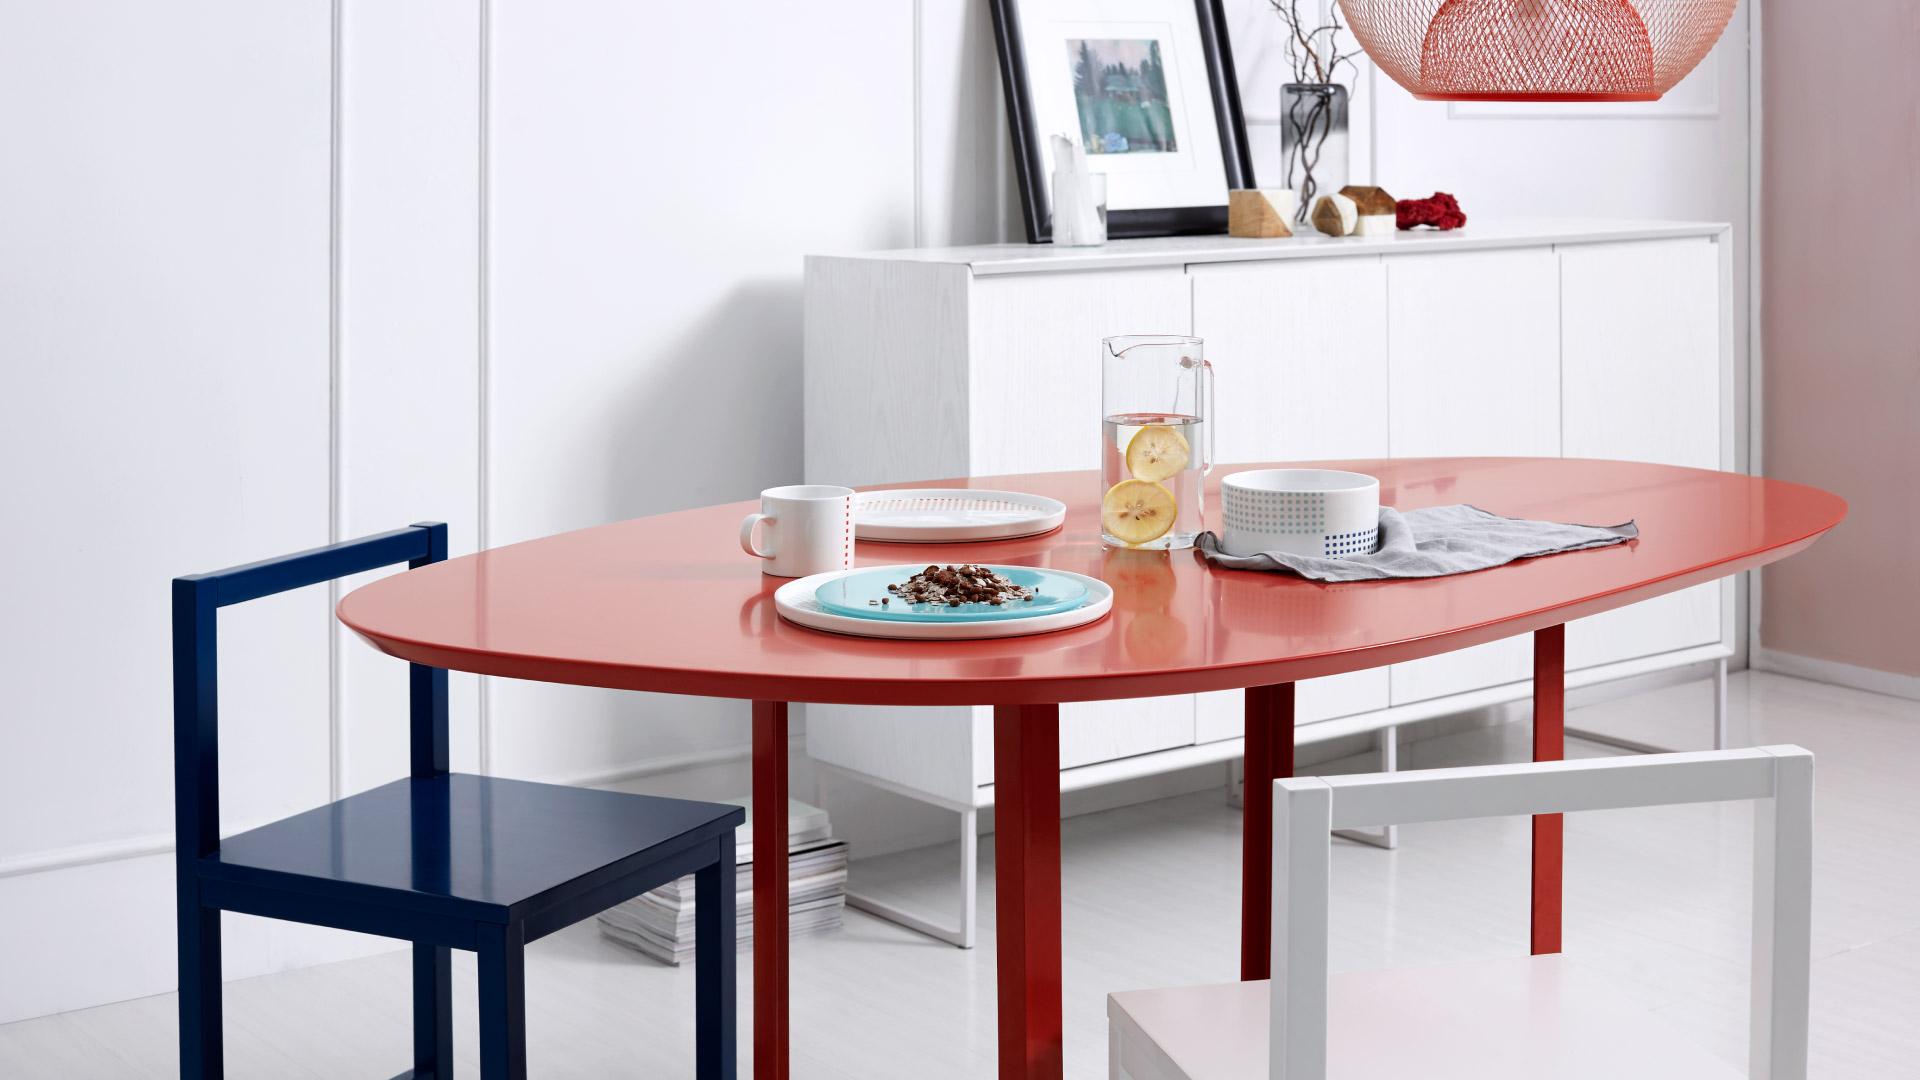 每个房间的色彩不一,展现出各不相同的空间气质,张扬的茜红、沉静的海蓝、清爽的白色,明丽的色彩对比搭配倾注了对生活的昂扬热情。?x-oss-process=image/format,jpg/interlace,1